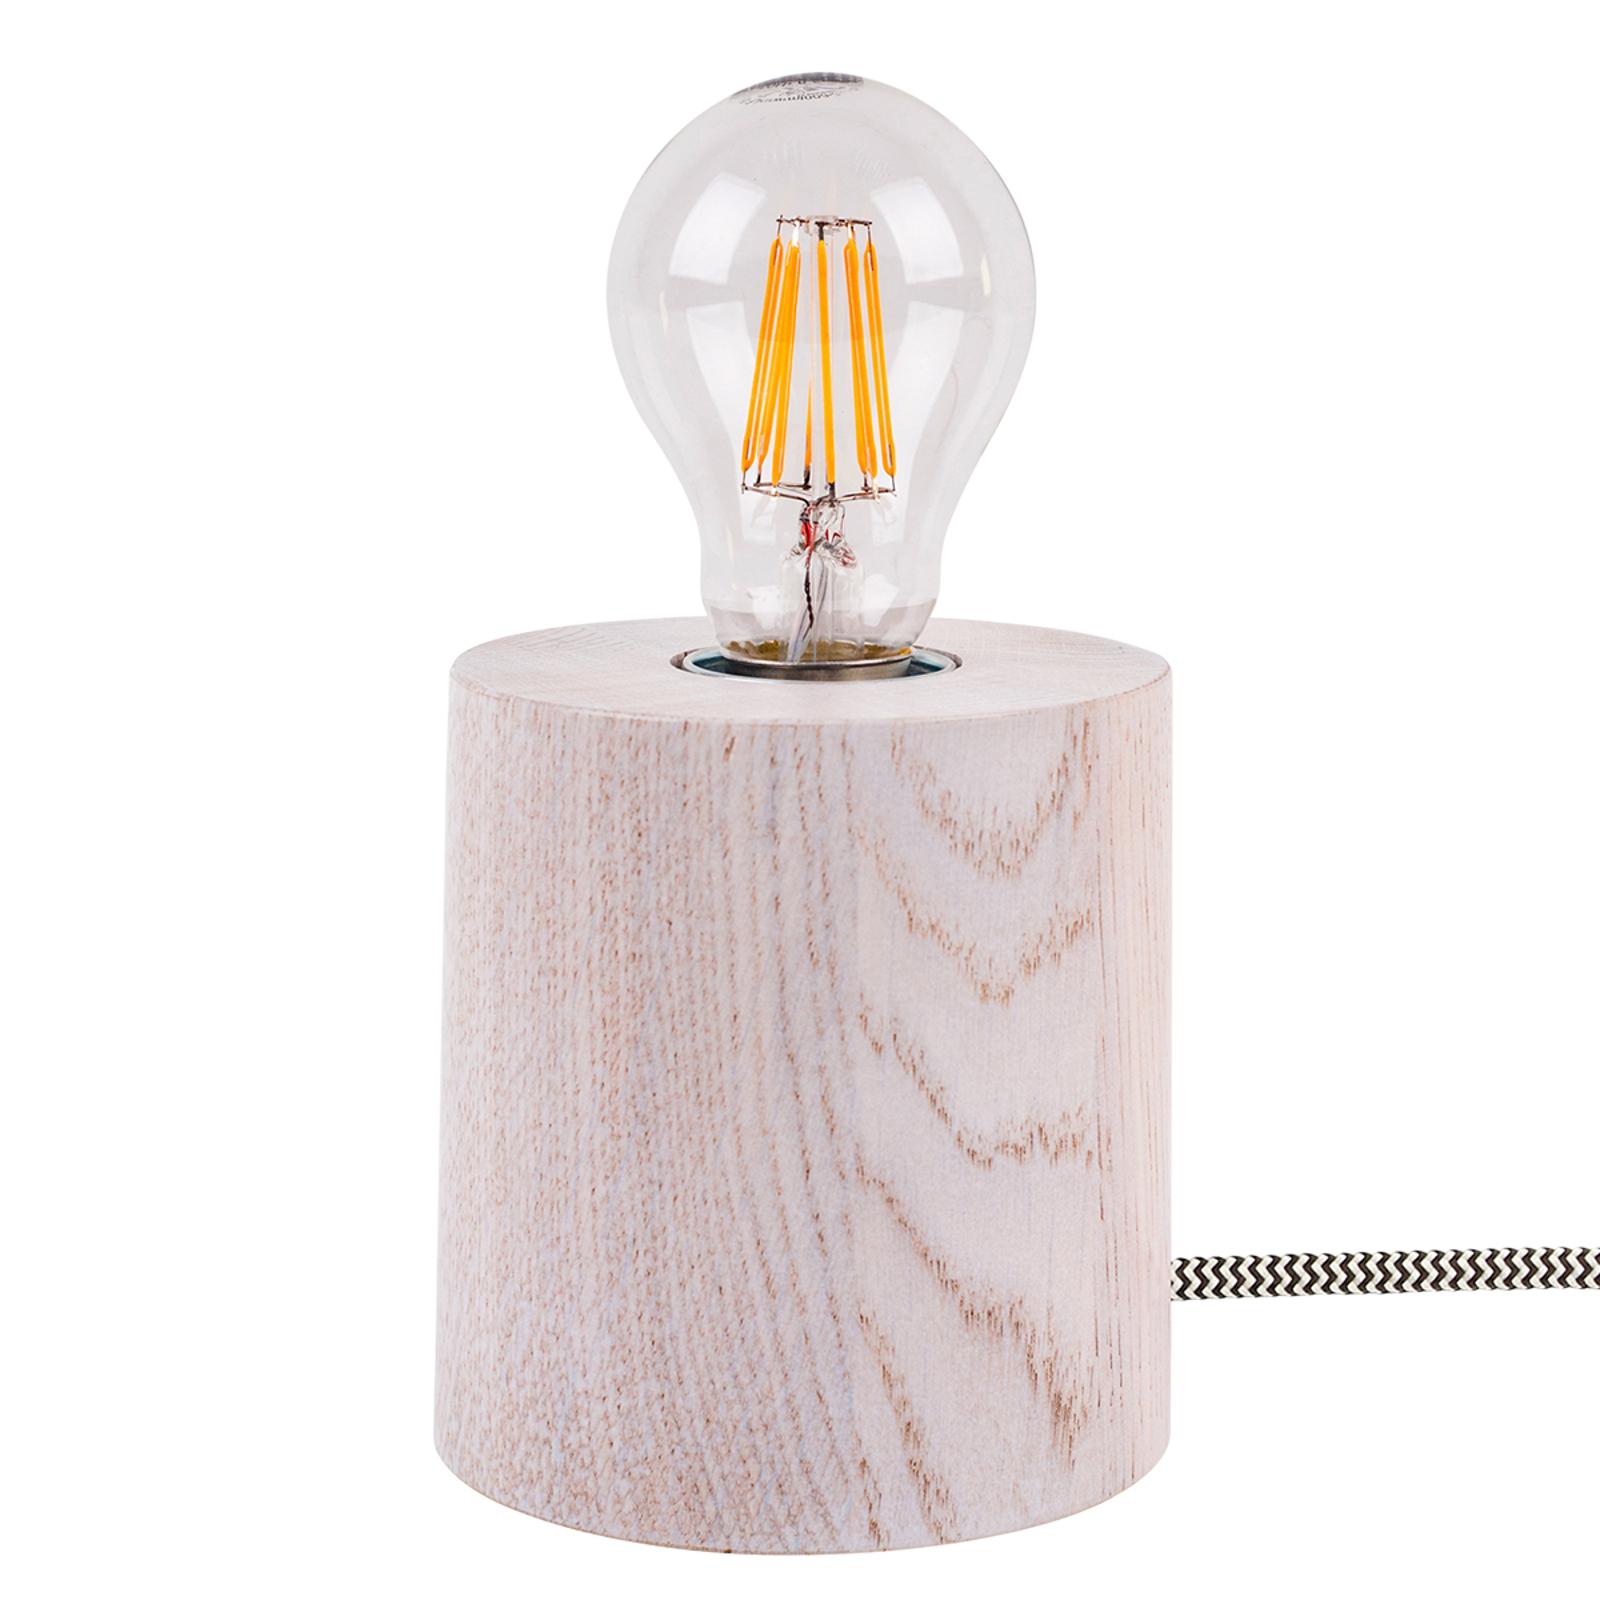 Tafellamp Trongo cilinder wit kabel zwart wit